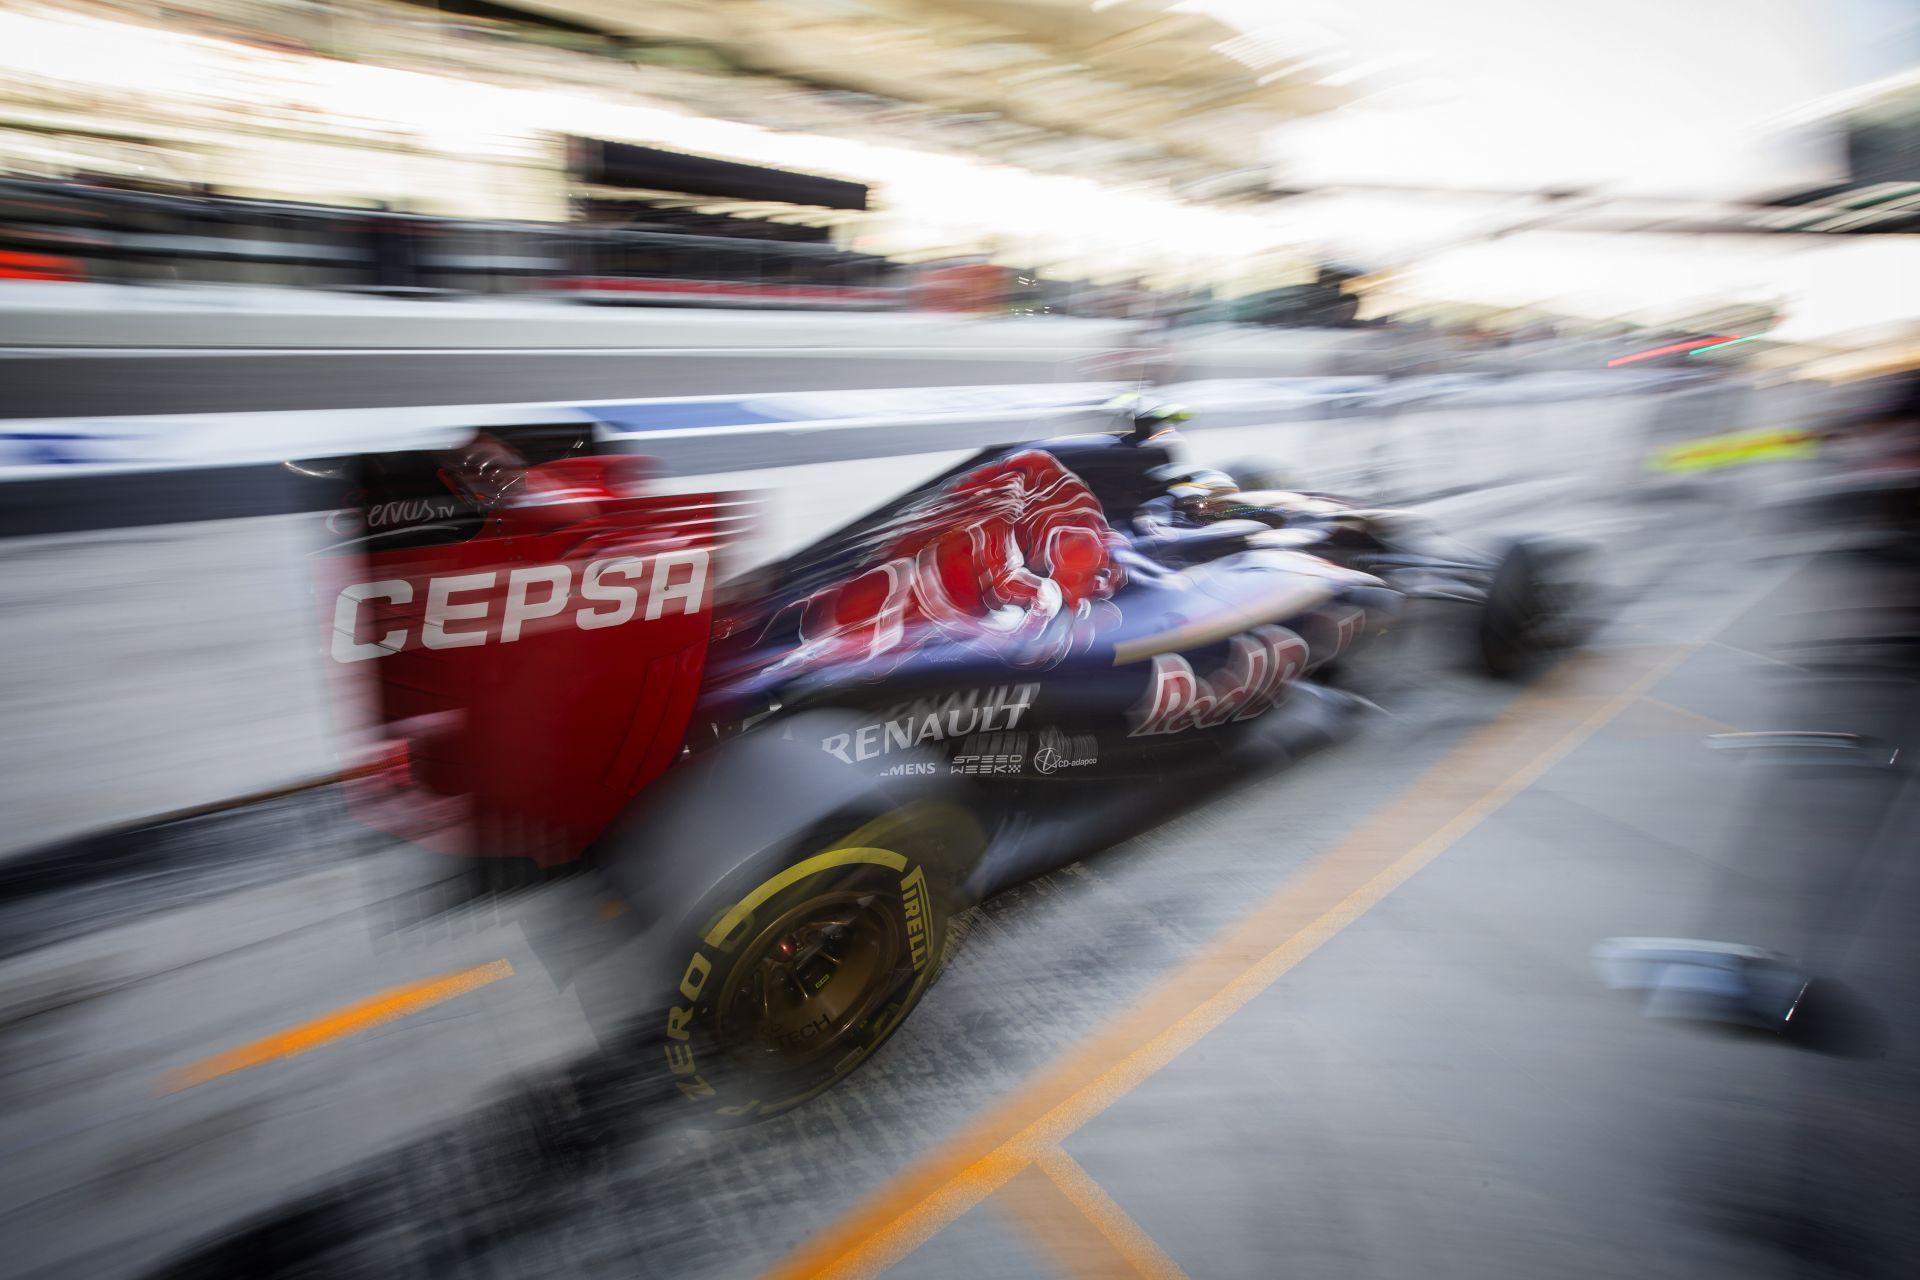 Lehet, hogy év közben mégis bekerül az idei Ferrari-motor a Toro Rossóba?